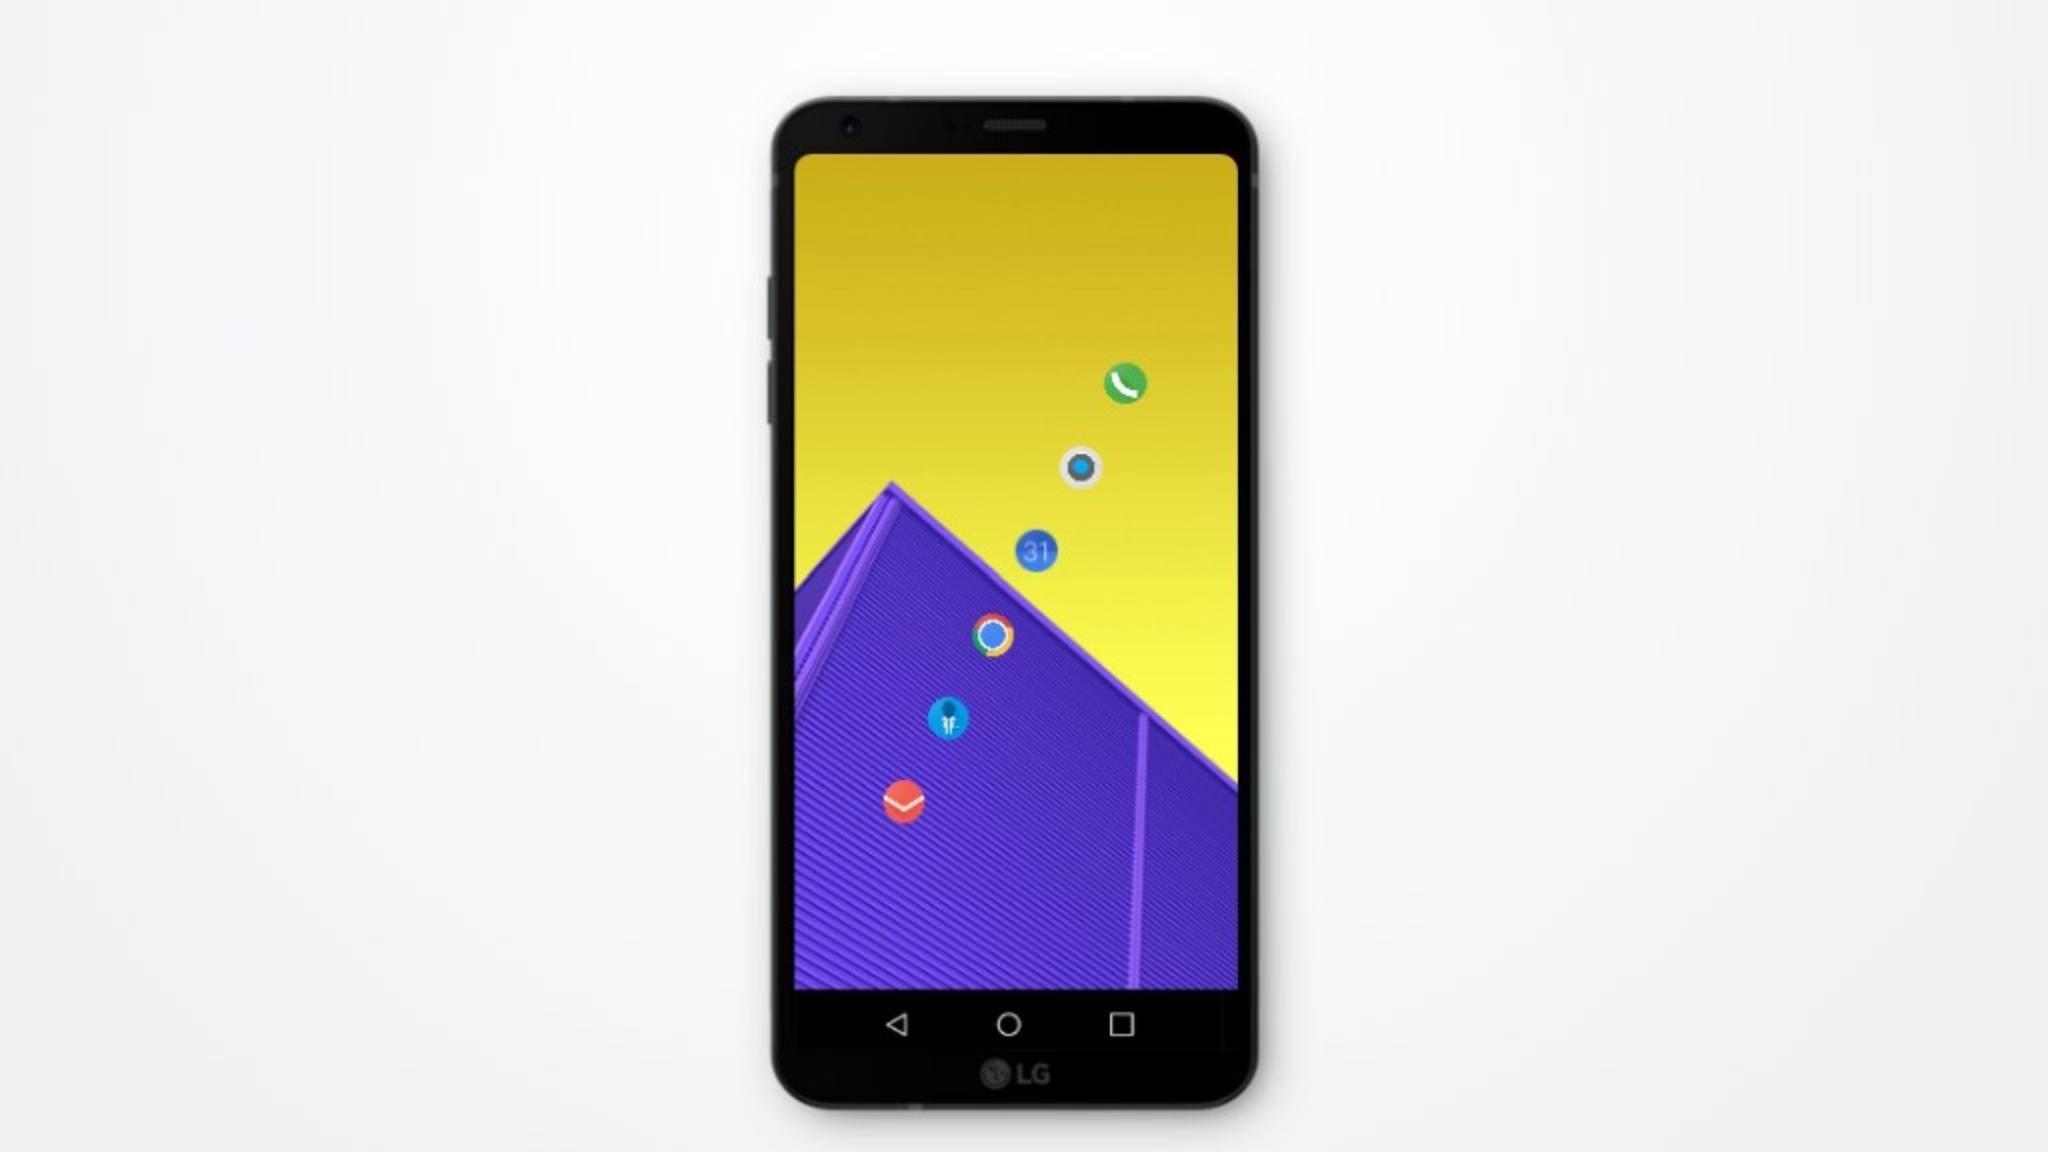 Mit dem Taste-Test findet Google ein passendes Design für Dein Android-Gerät.